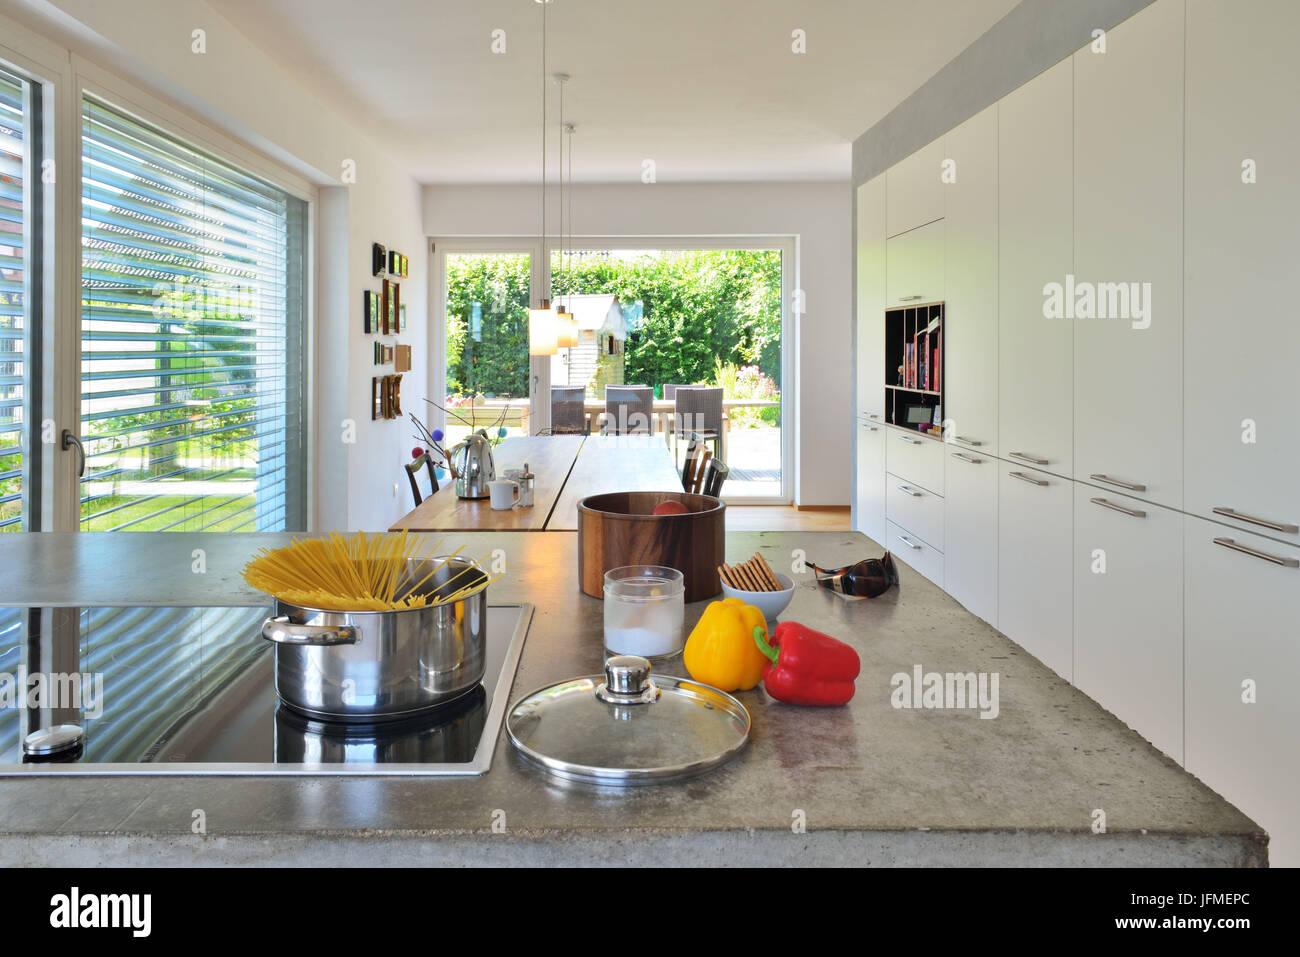 Fesselnde Fensterfront Das Beste Von Küche, Esszimmer,